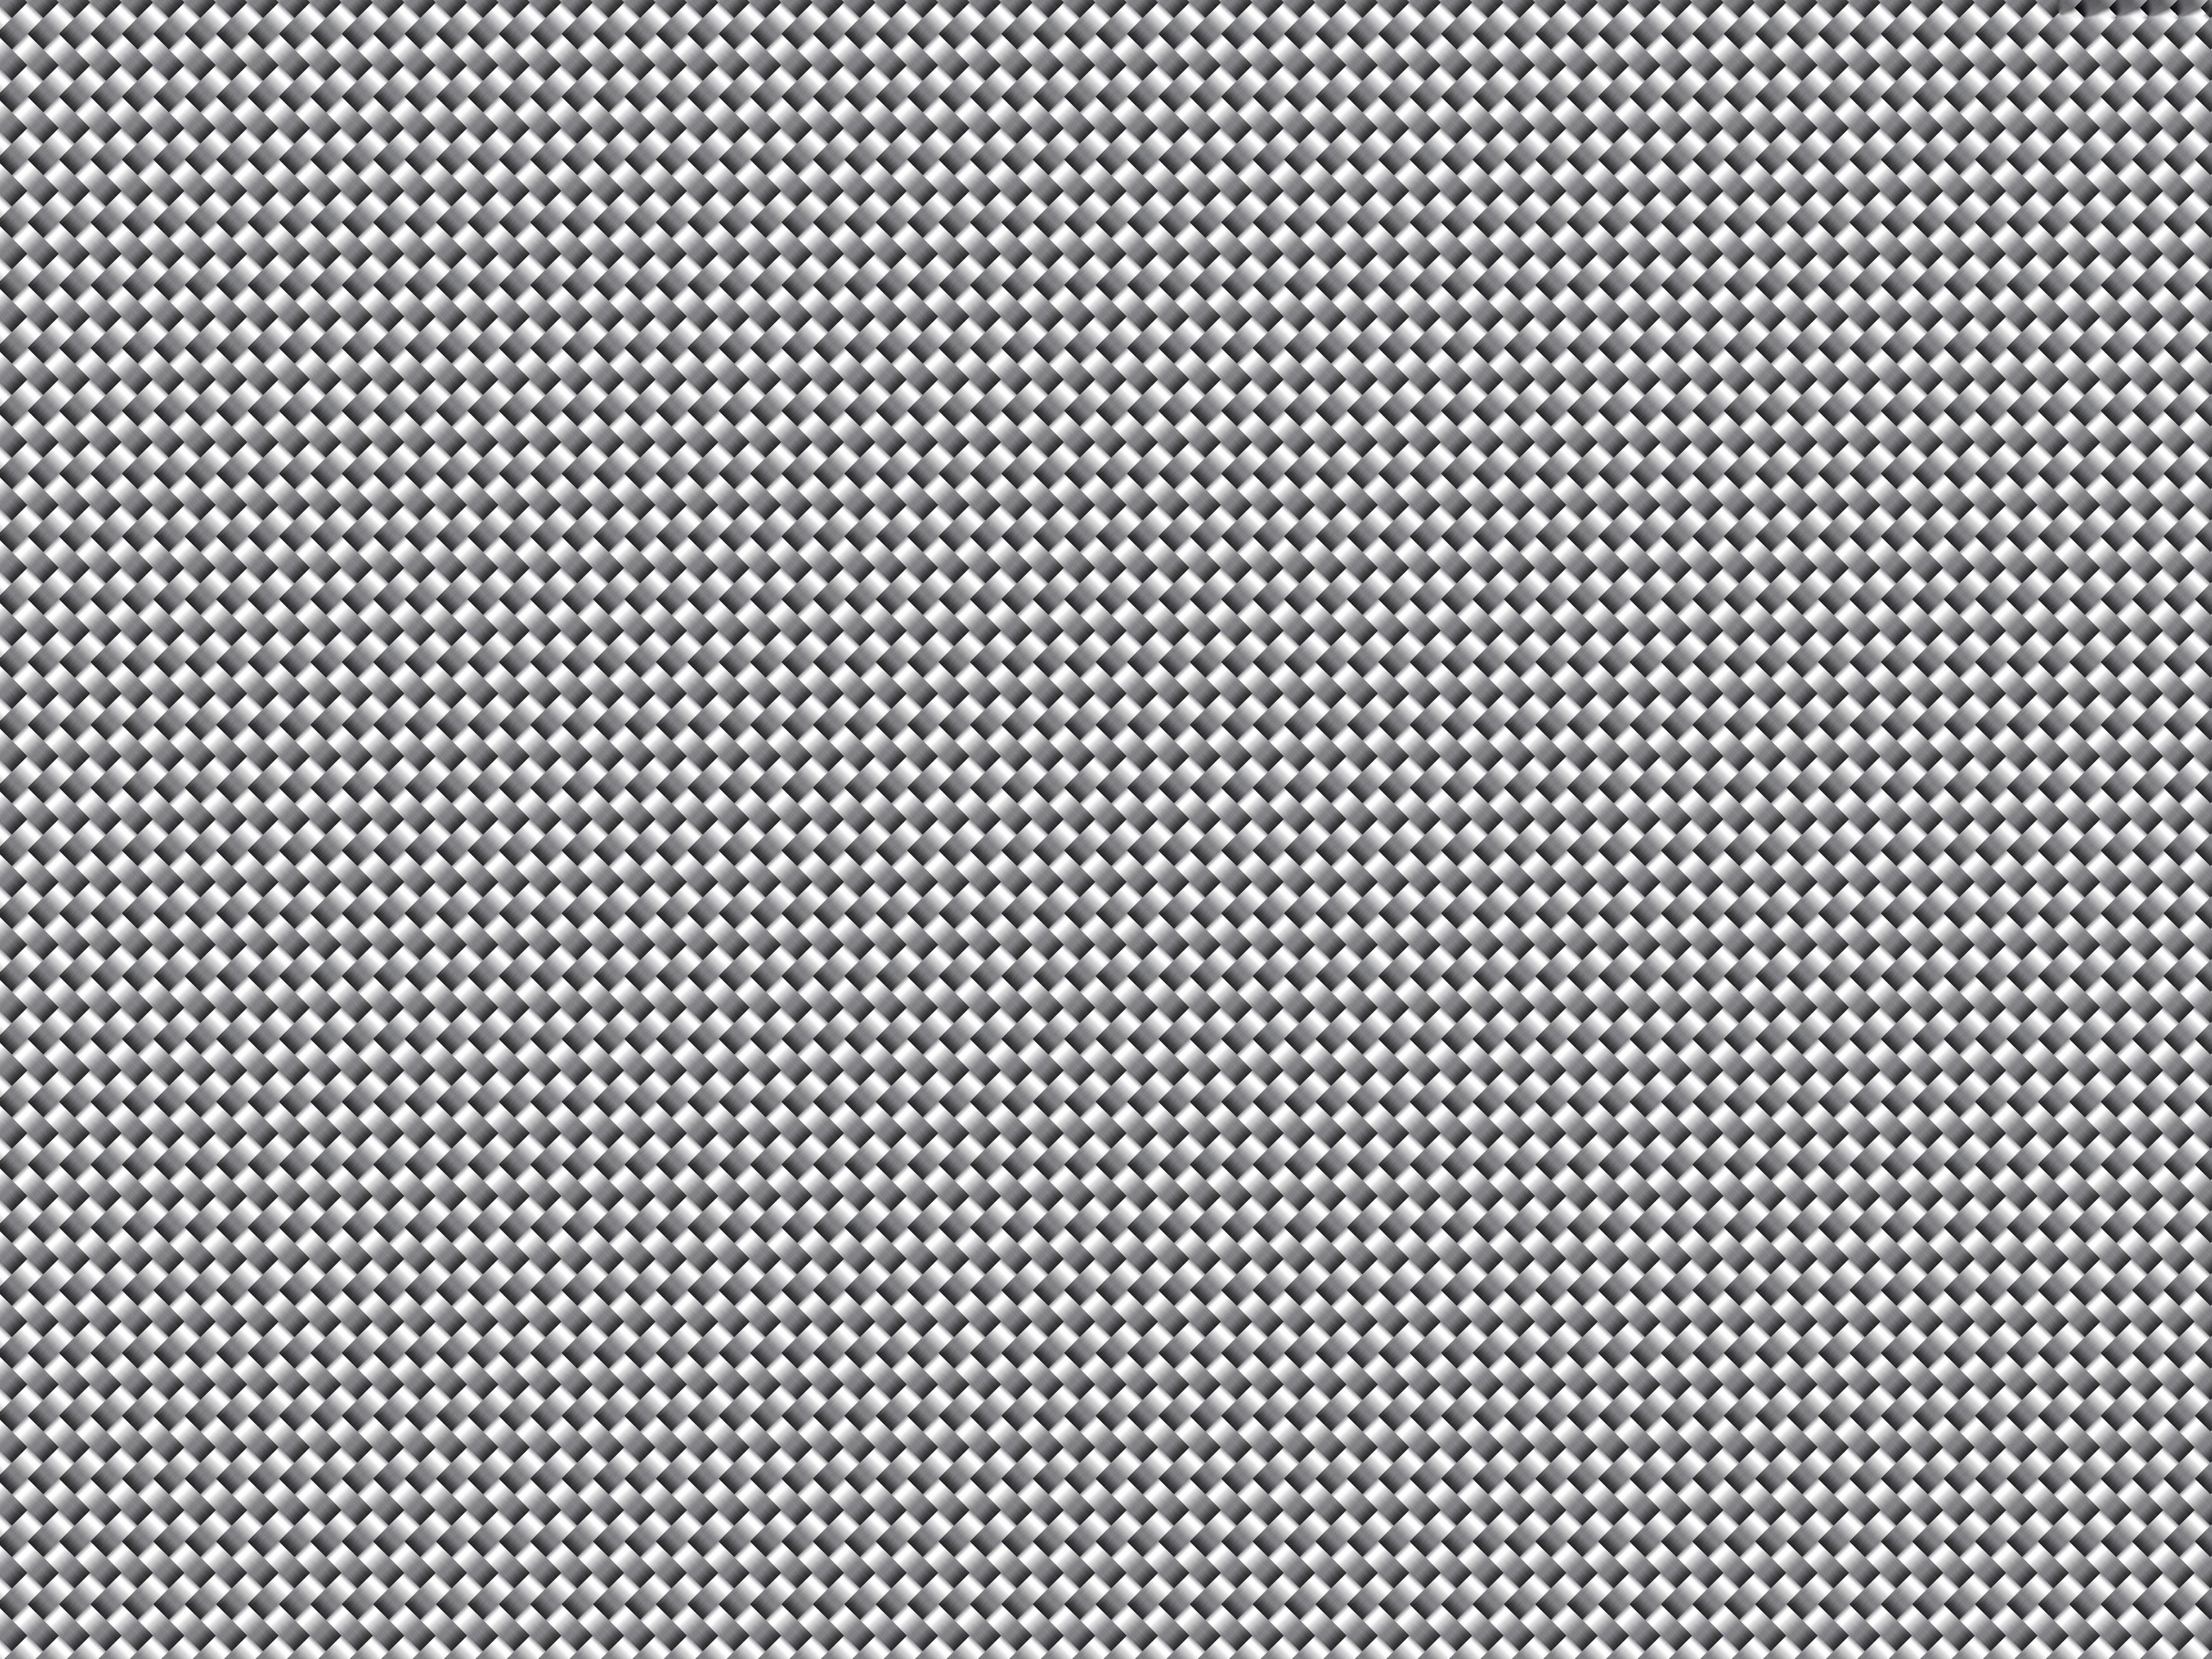 metal grid, скачать фото, железная сетка, обои, металлическая сетка